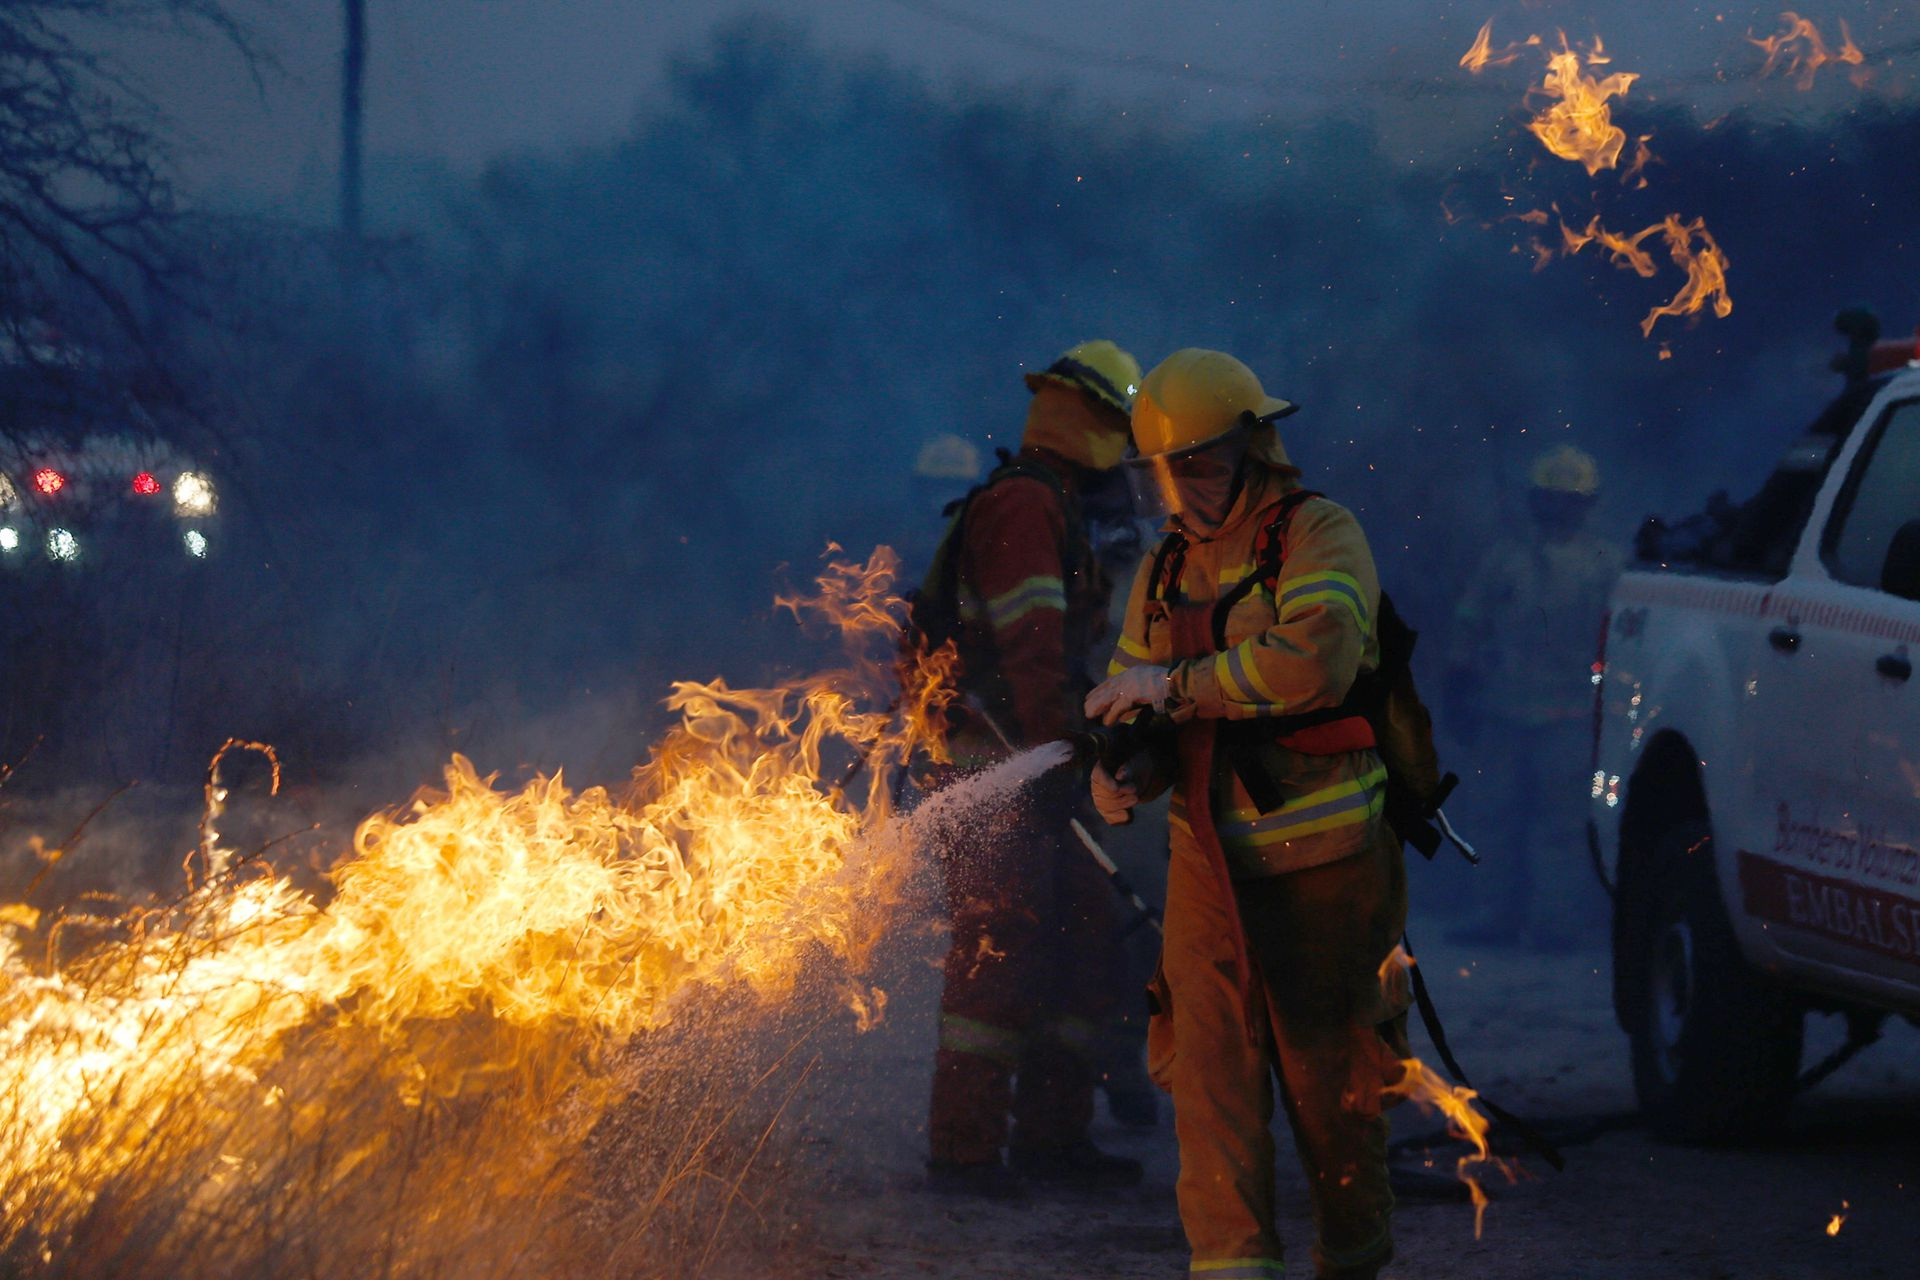 El incendio que se desató el fin de semana en la provincia de Córdoba comenzó en la zona de Copacabana, departamento Ischilin que fue rodeado por las llamas. Por el avance del fuego, se quemaron muchas viviendas, entre la ruta 38 y 17